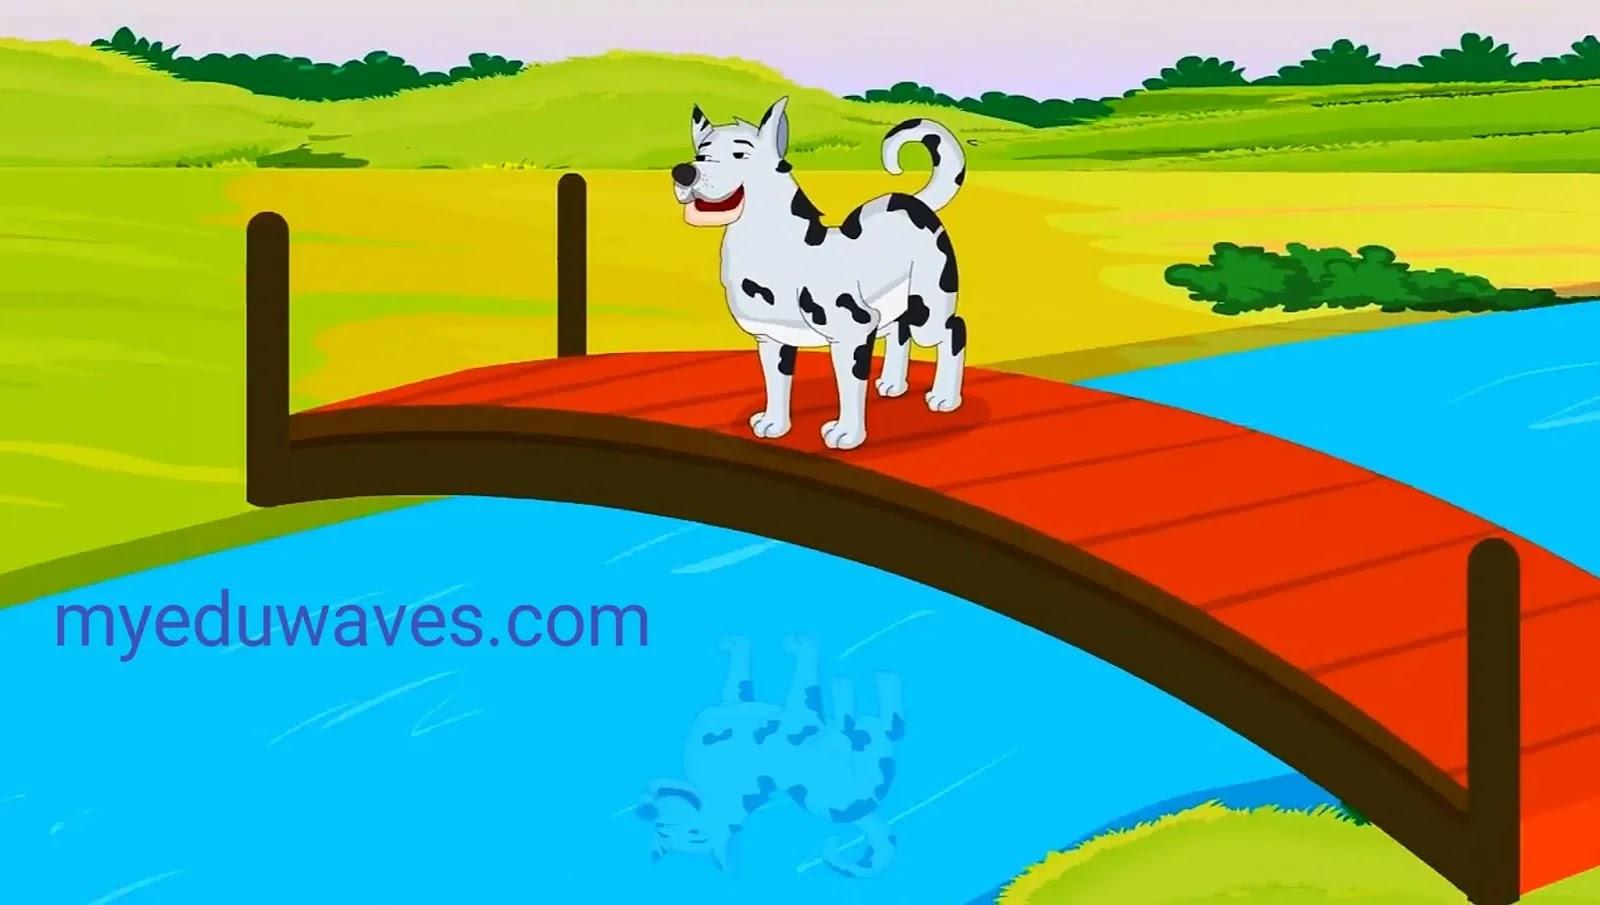 लालची कुत्ते की कहानी | The Greedy Dog Story in Hindi